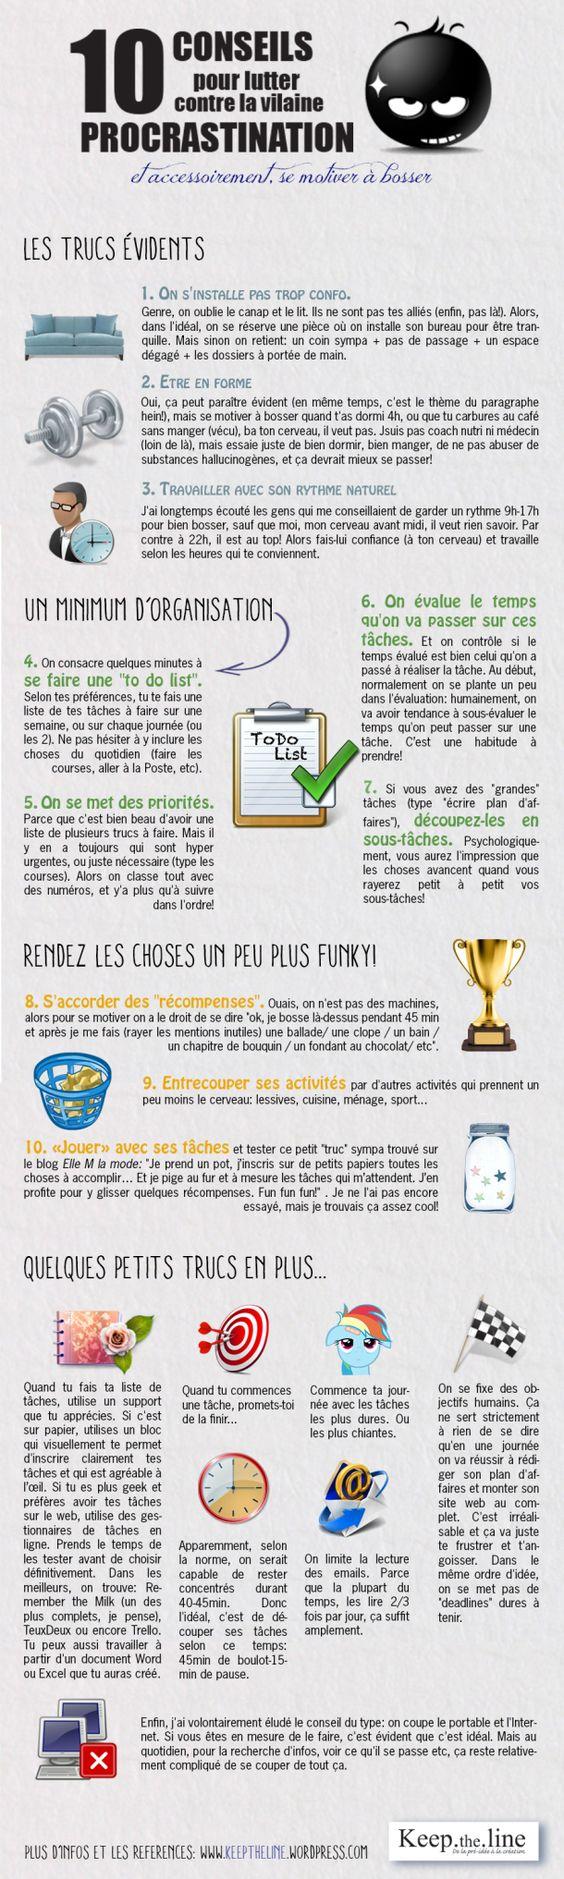 10 conseils pour lutter contre la vilaine procrastination !